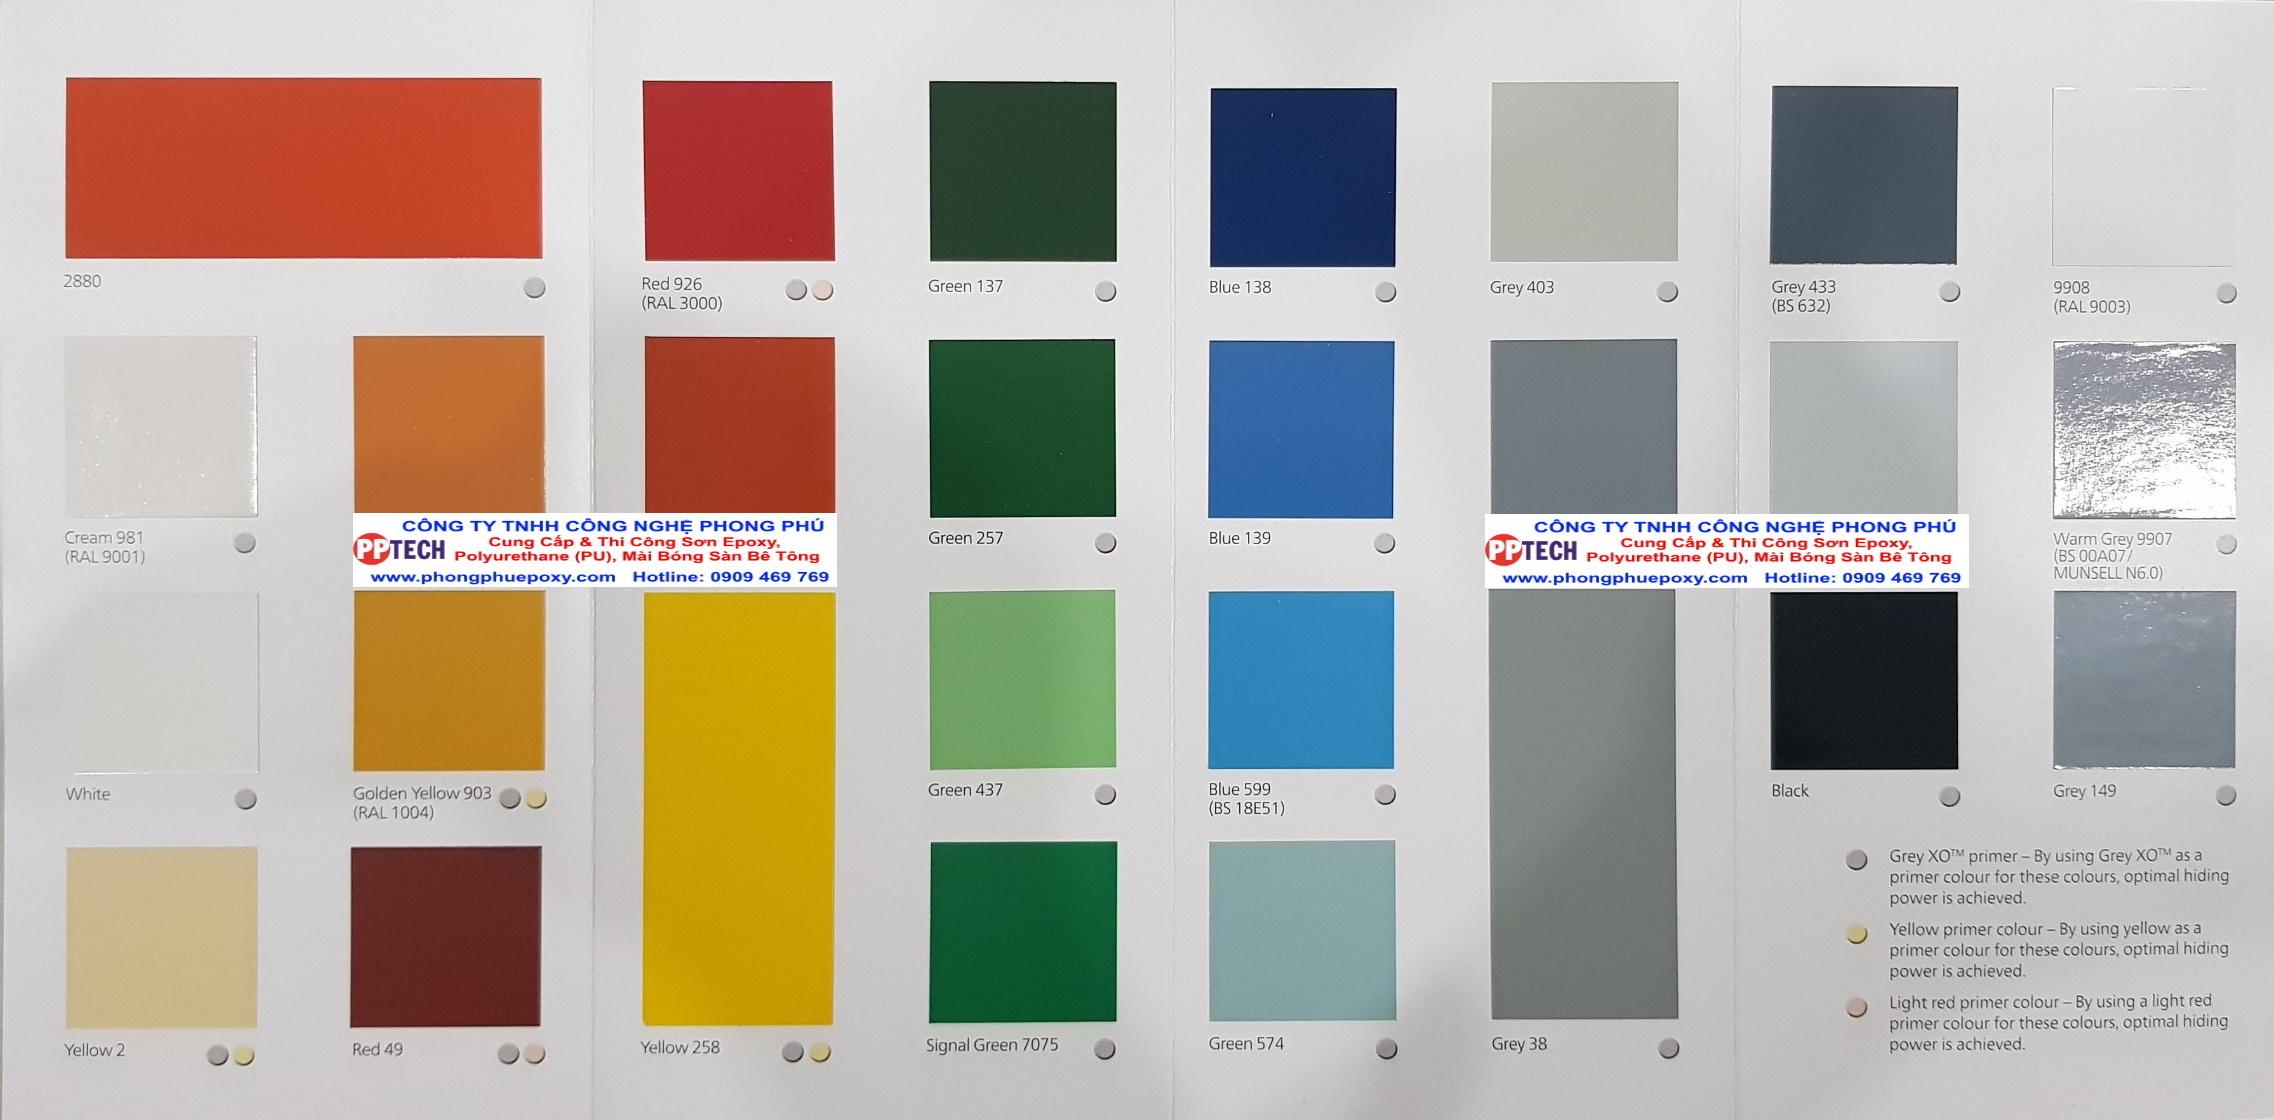 Bảng màu sơn Epoxy Jotun - Màu sơn Epoxy siêu đẹp